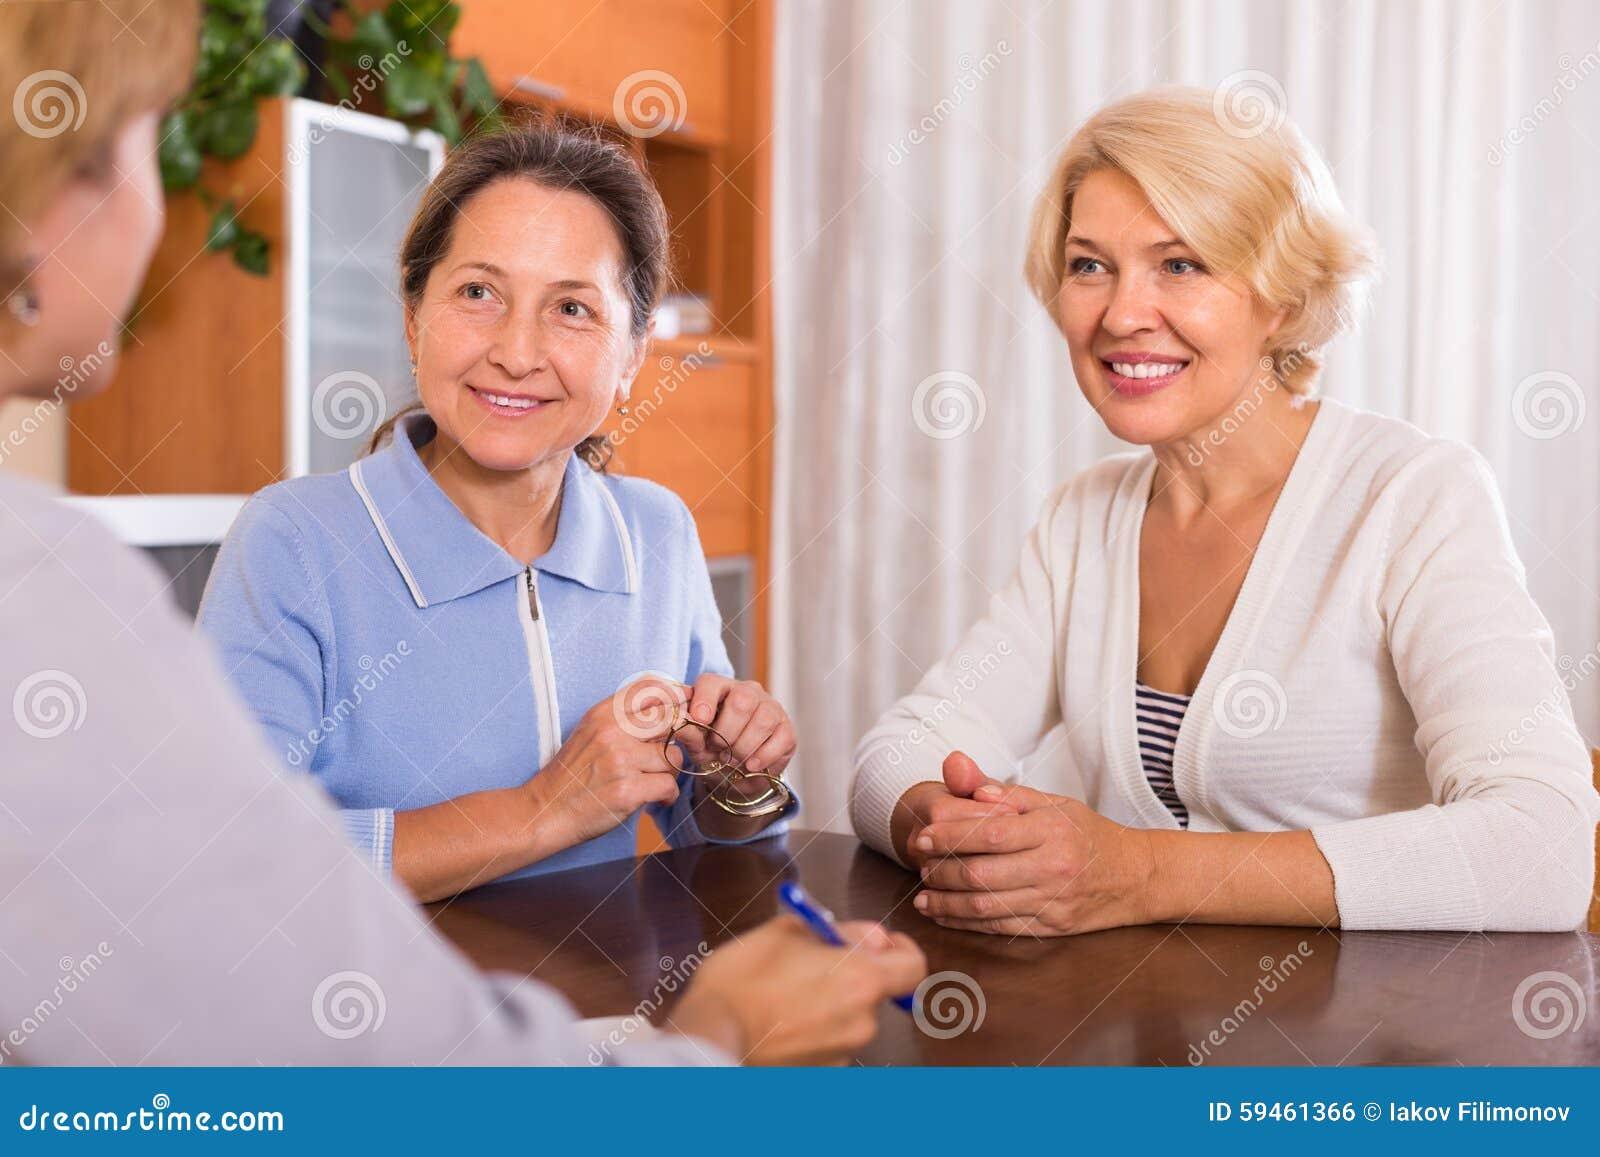 Senior ladies with agent